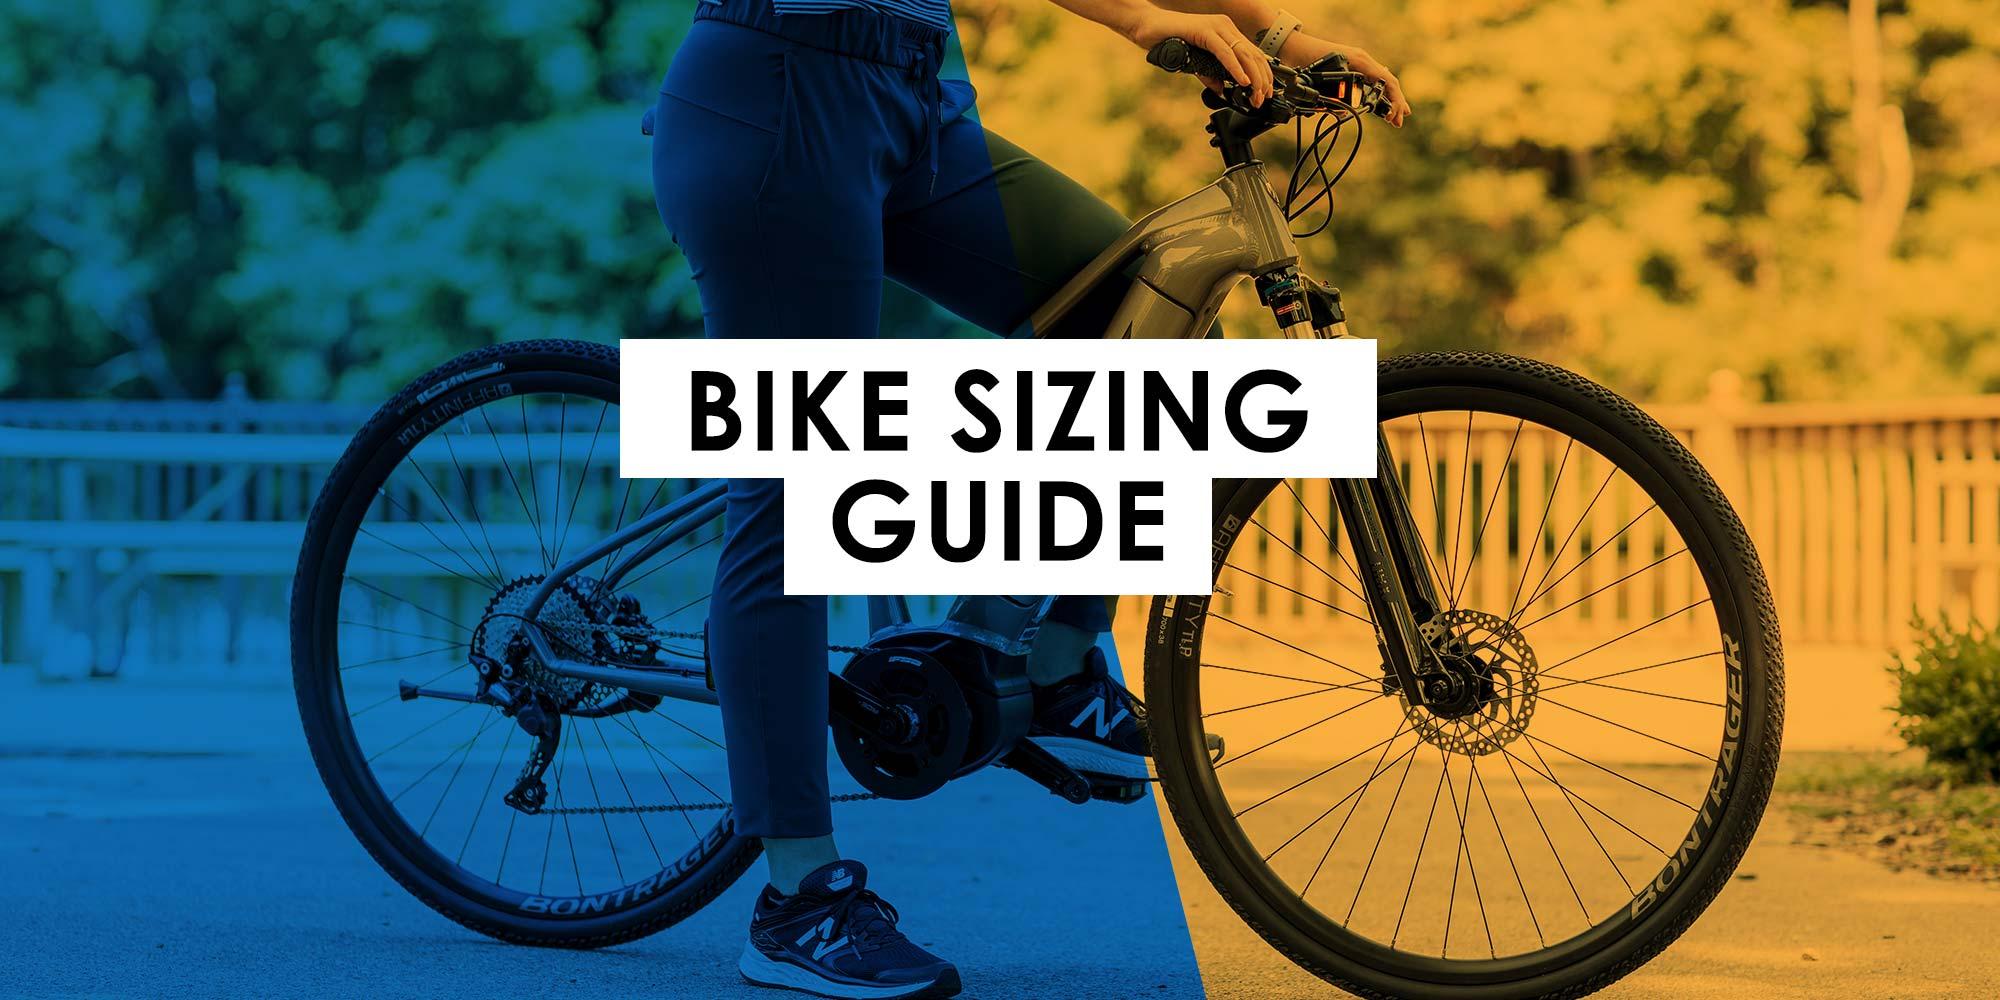 Bike Sizing Guide